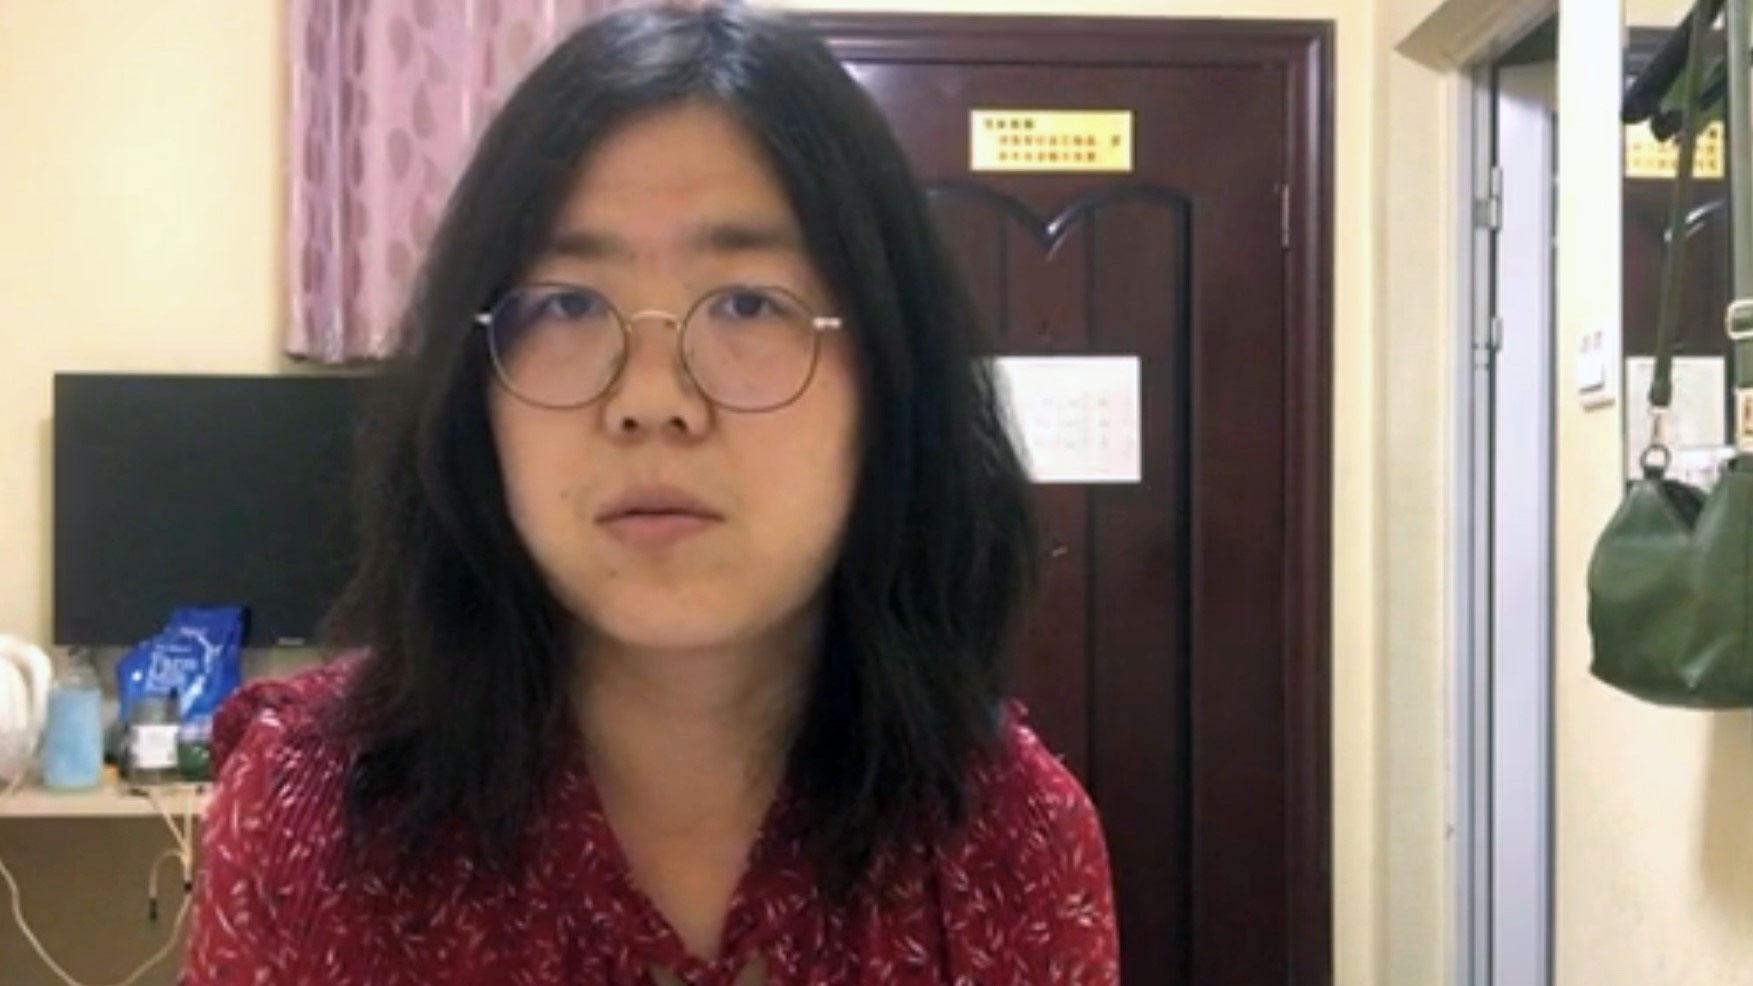 张展在武汉采访新冠疫情,并将视频发到网上。(视频截图/乔龙提供)